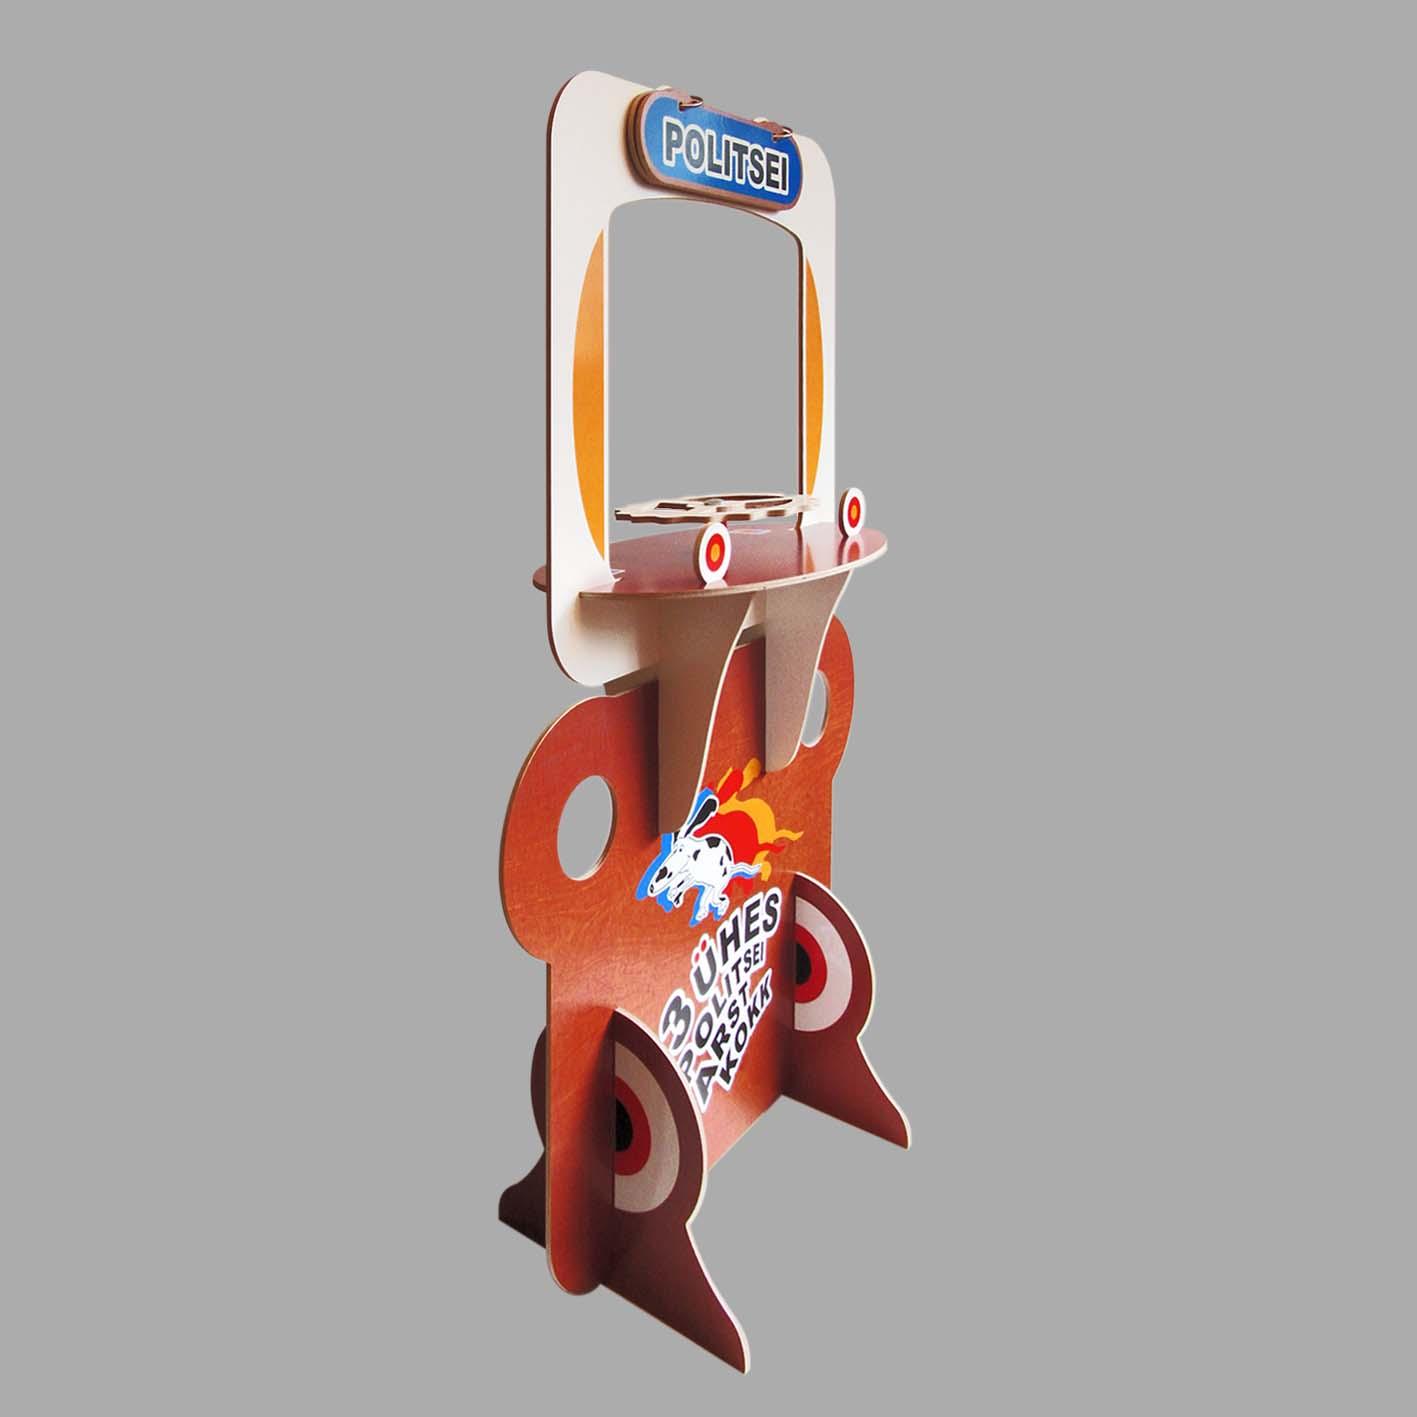 Mängukomplekt 3-ühes külgvaade, politseimäng. Grafilius OÜ